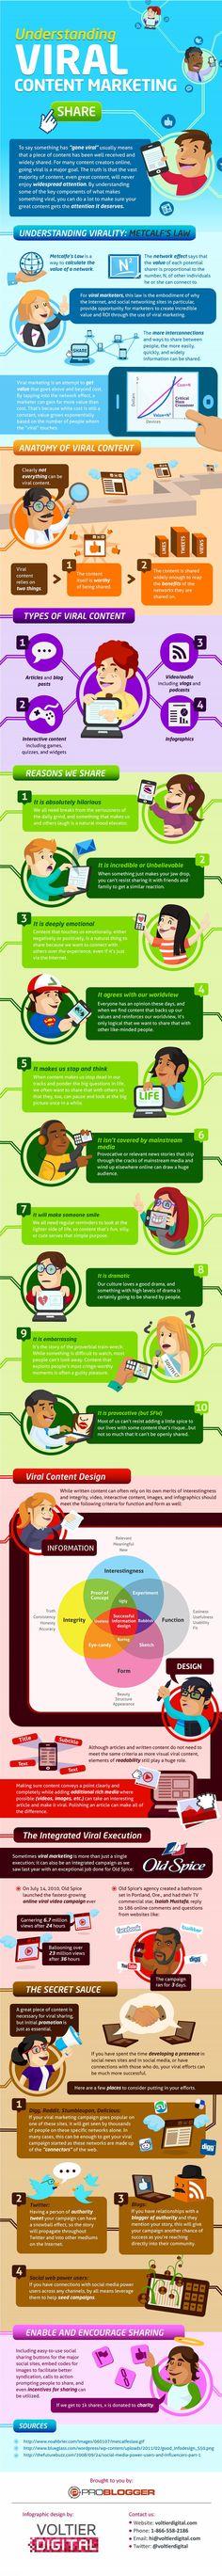 """""""Going Viral Visualized"""" by proBlogger.com -- Die Zutaten zur Entwicklung und Verbreitung viraler Inhalte als Infografik #infografik"""